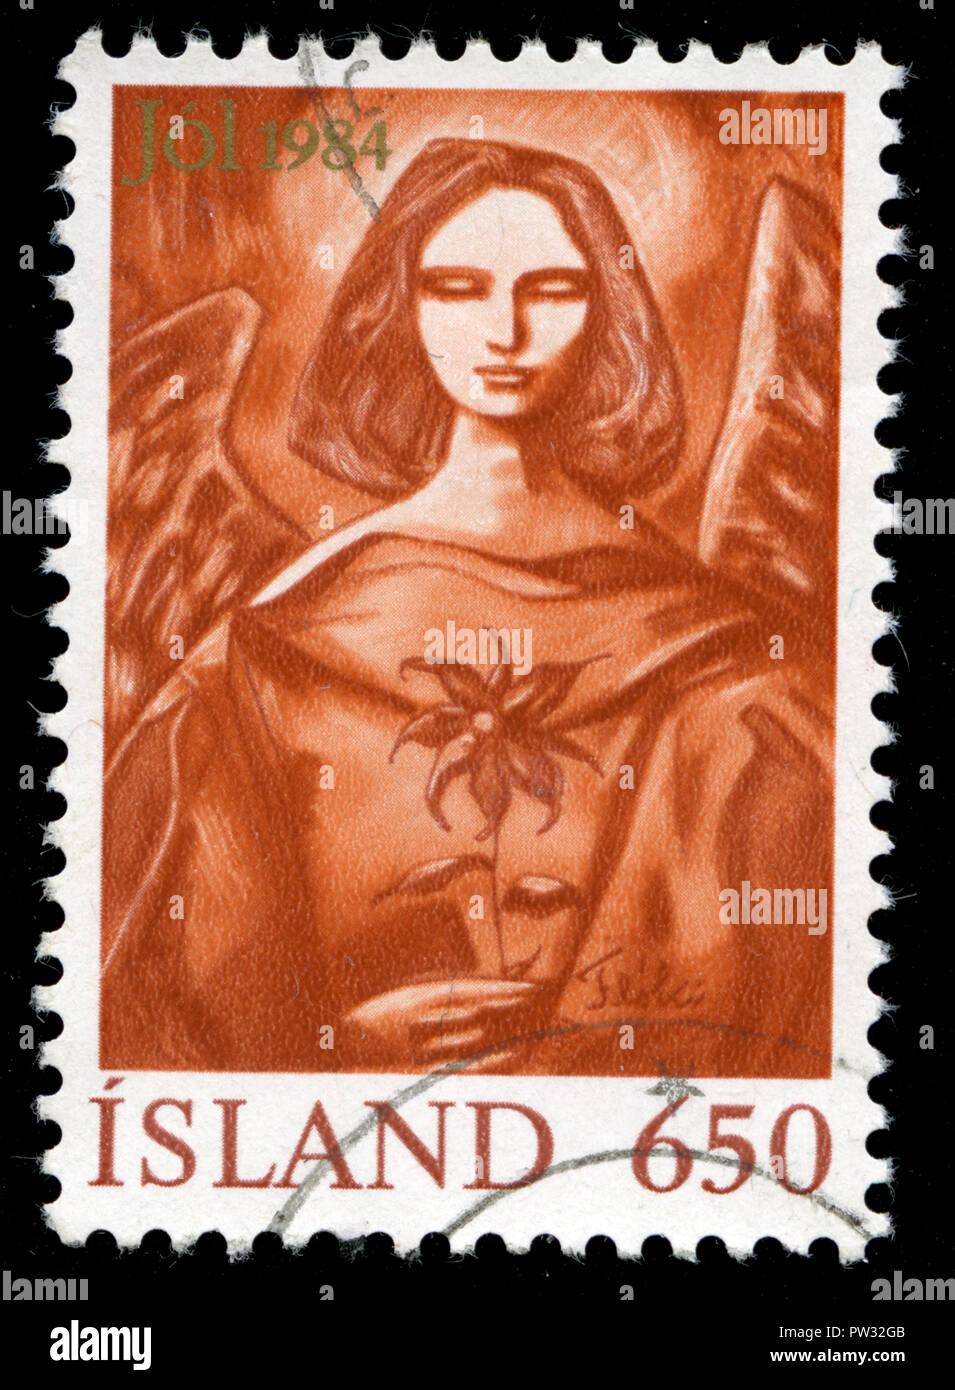 Timbre cachet de l'Islande, à la série de noël publié en 1964 Photo Stock